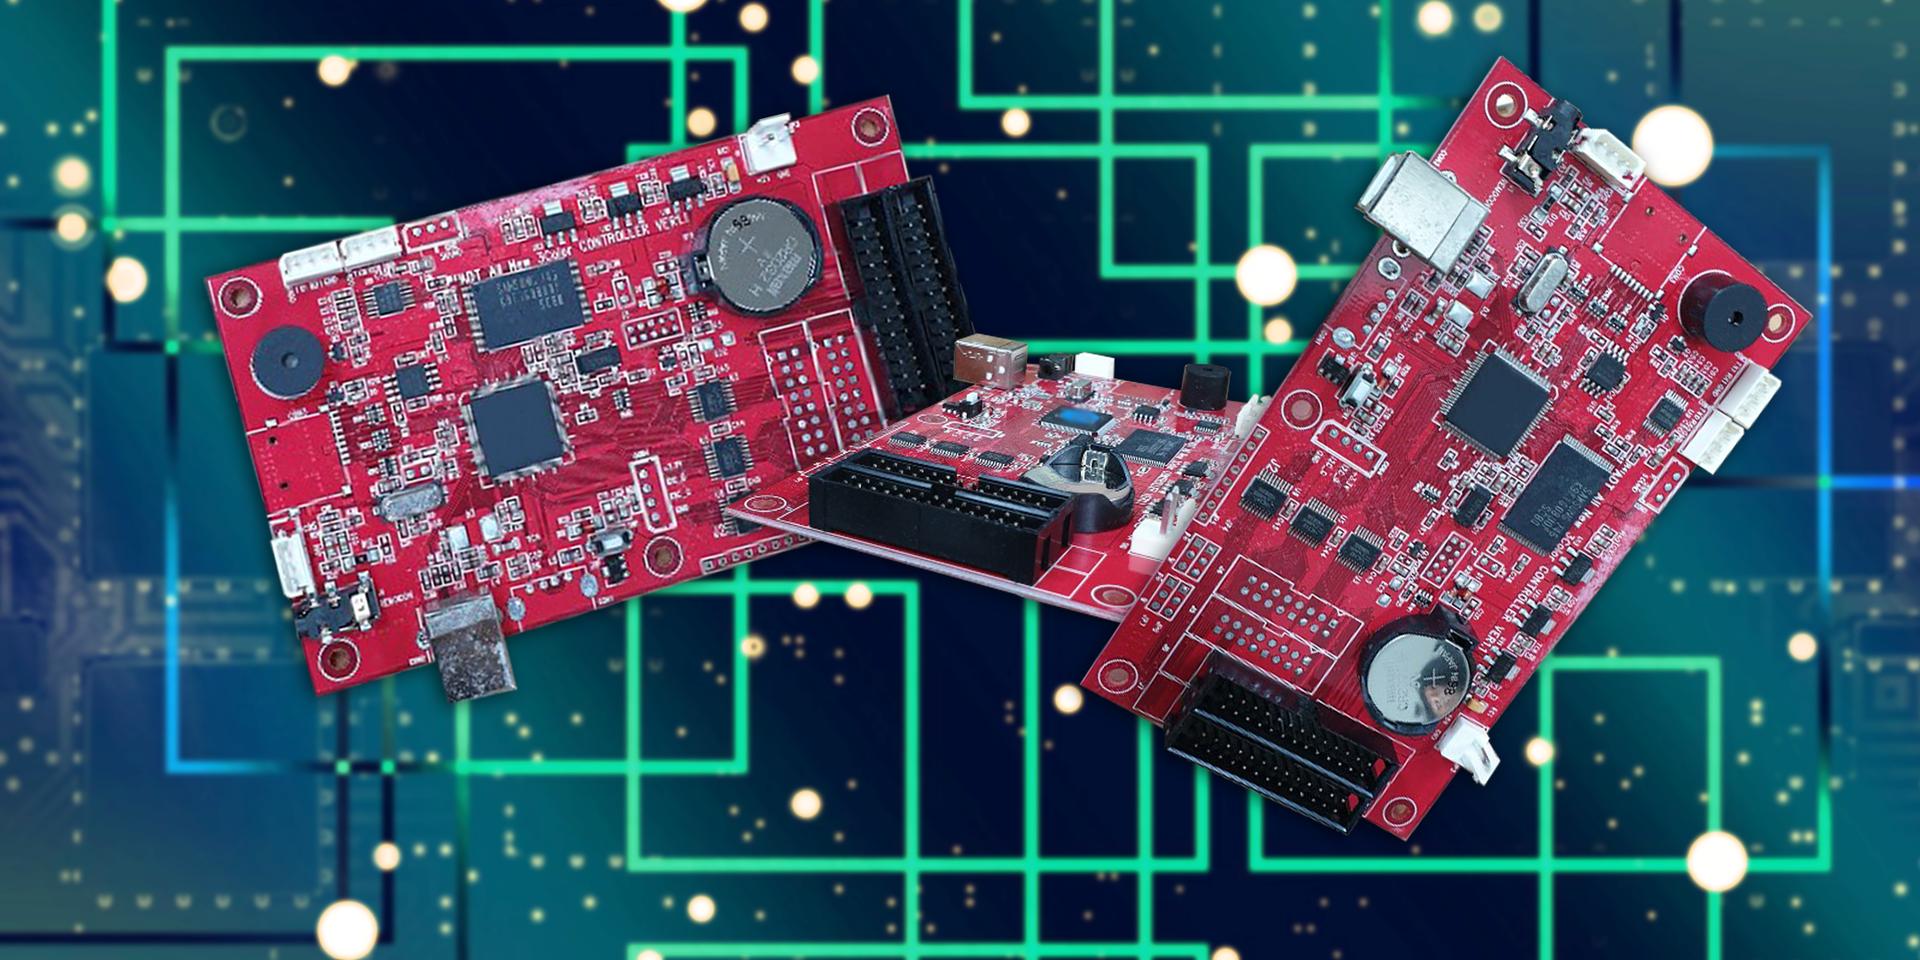 애드트로닉에서 직접 연구하여 개발한 Main Controller 끝없는 연구와 개발로 현재도 업데이트가 진행되고있습니다.